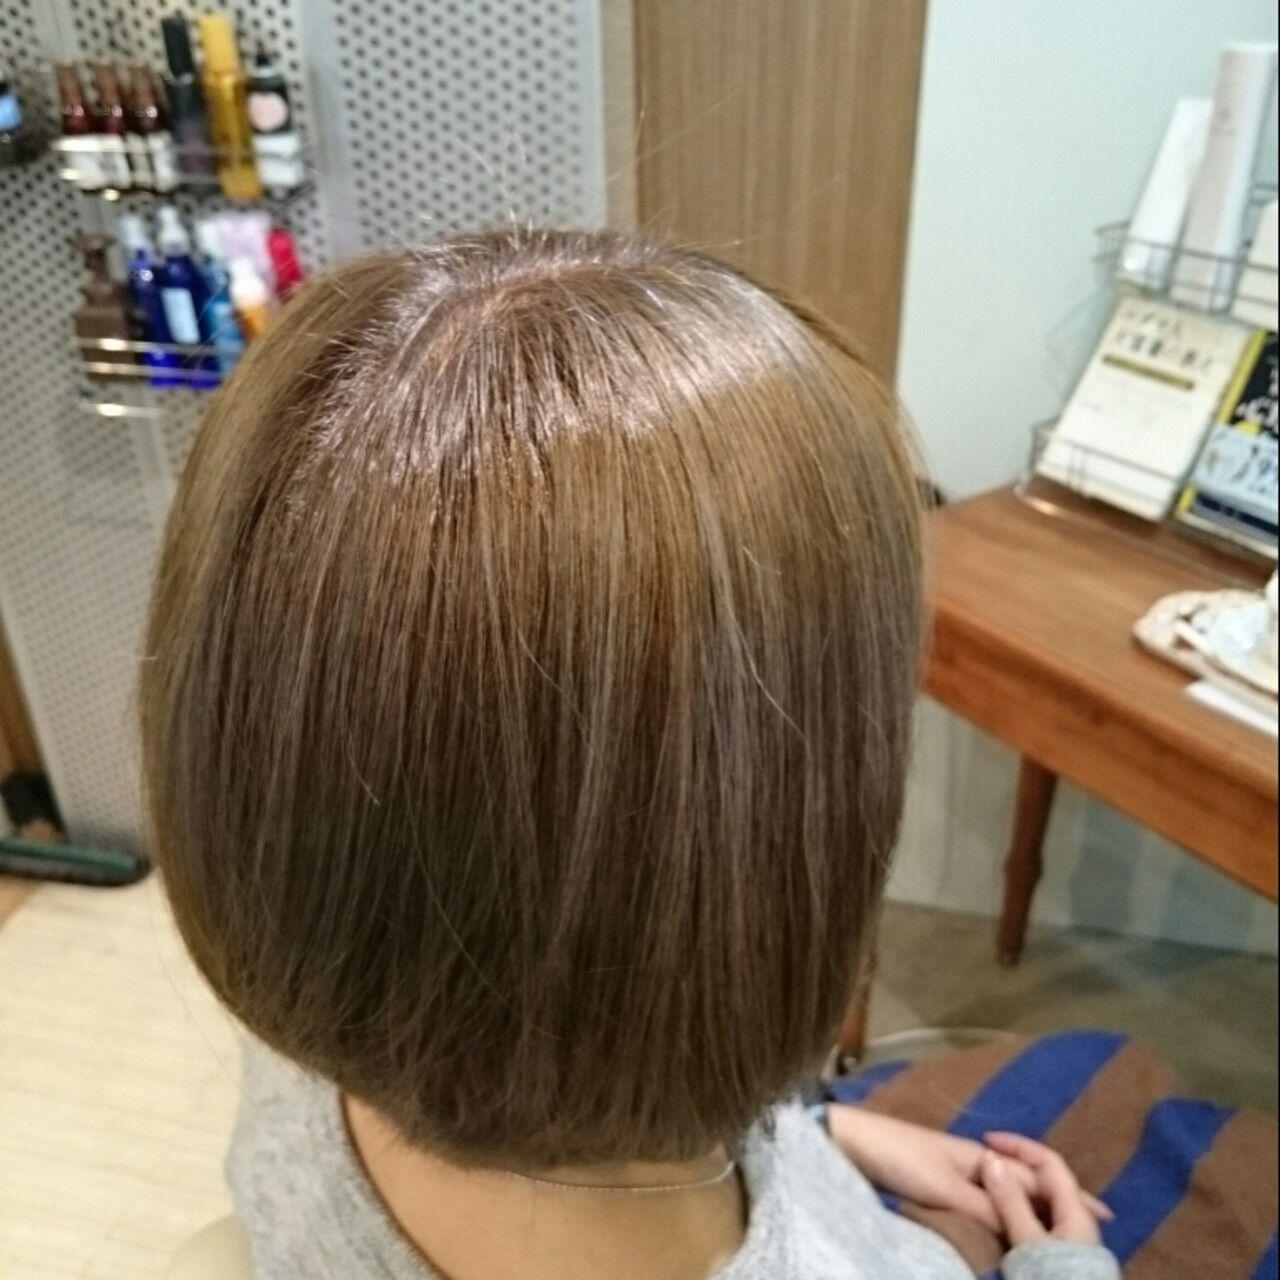 冬 外国人風 ボブ アッシュベージュヘアスタイルや髪型の写真・画像